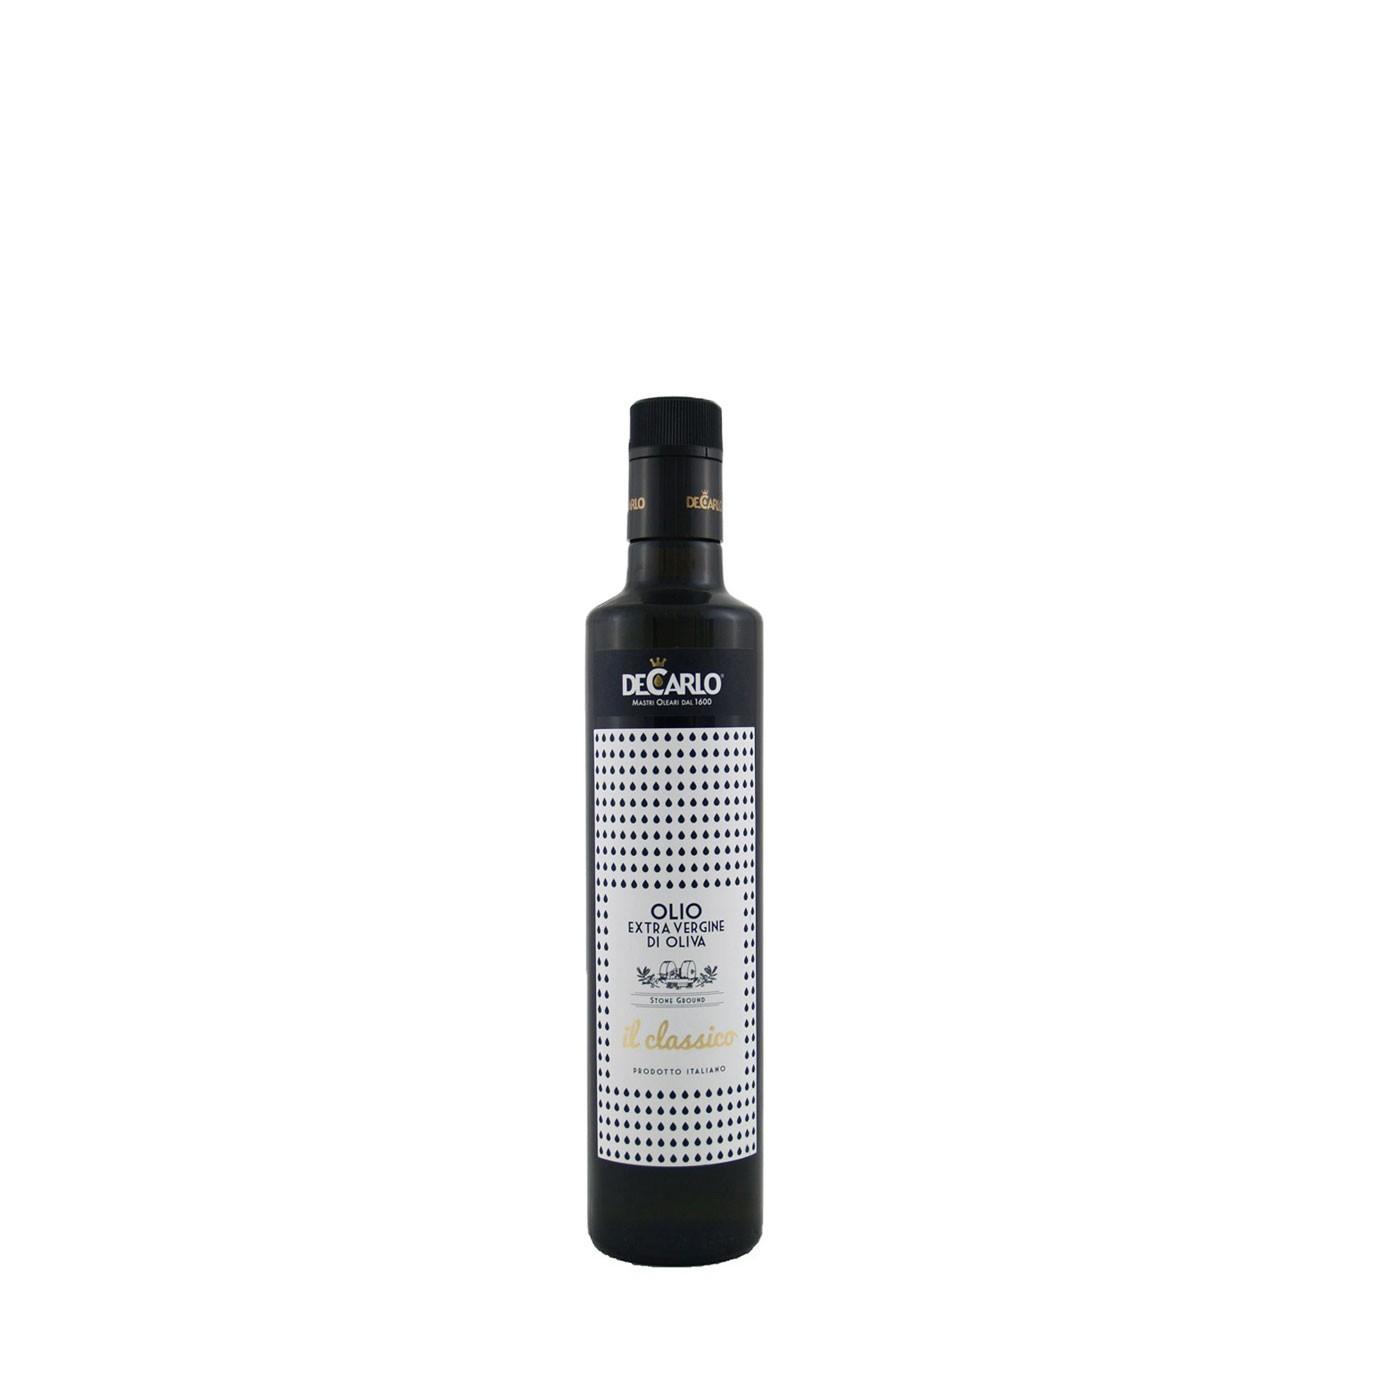 Extra Virgin Olive Oil Contrada San Martino 3.2oz